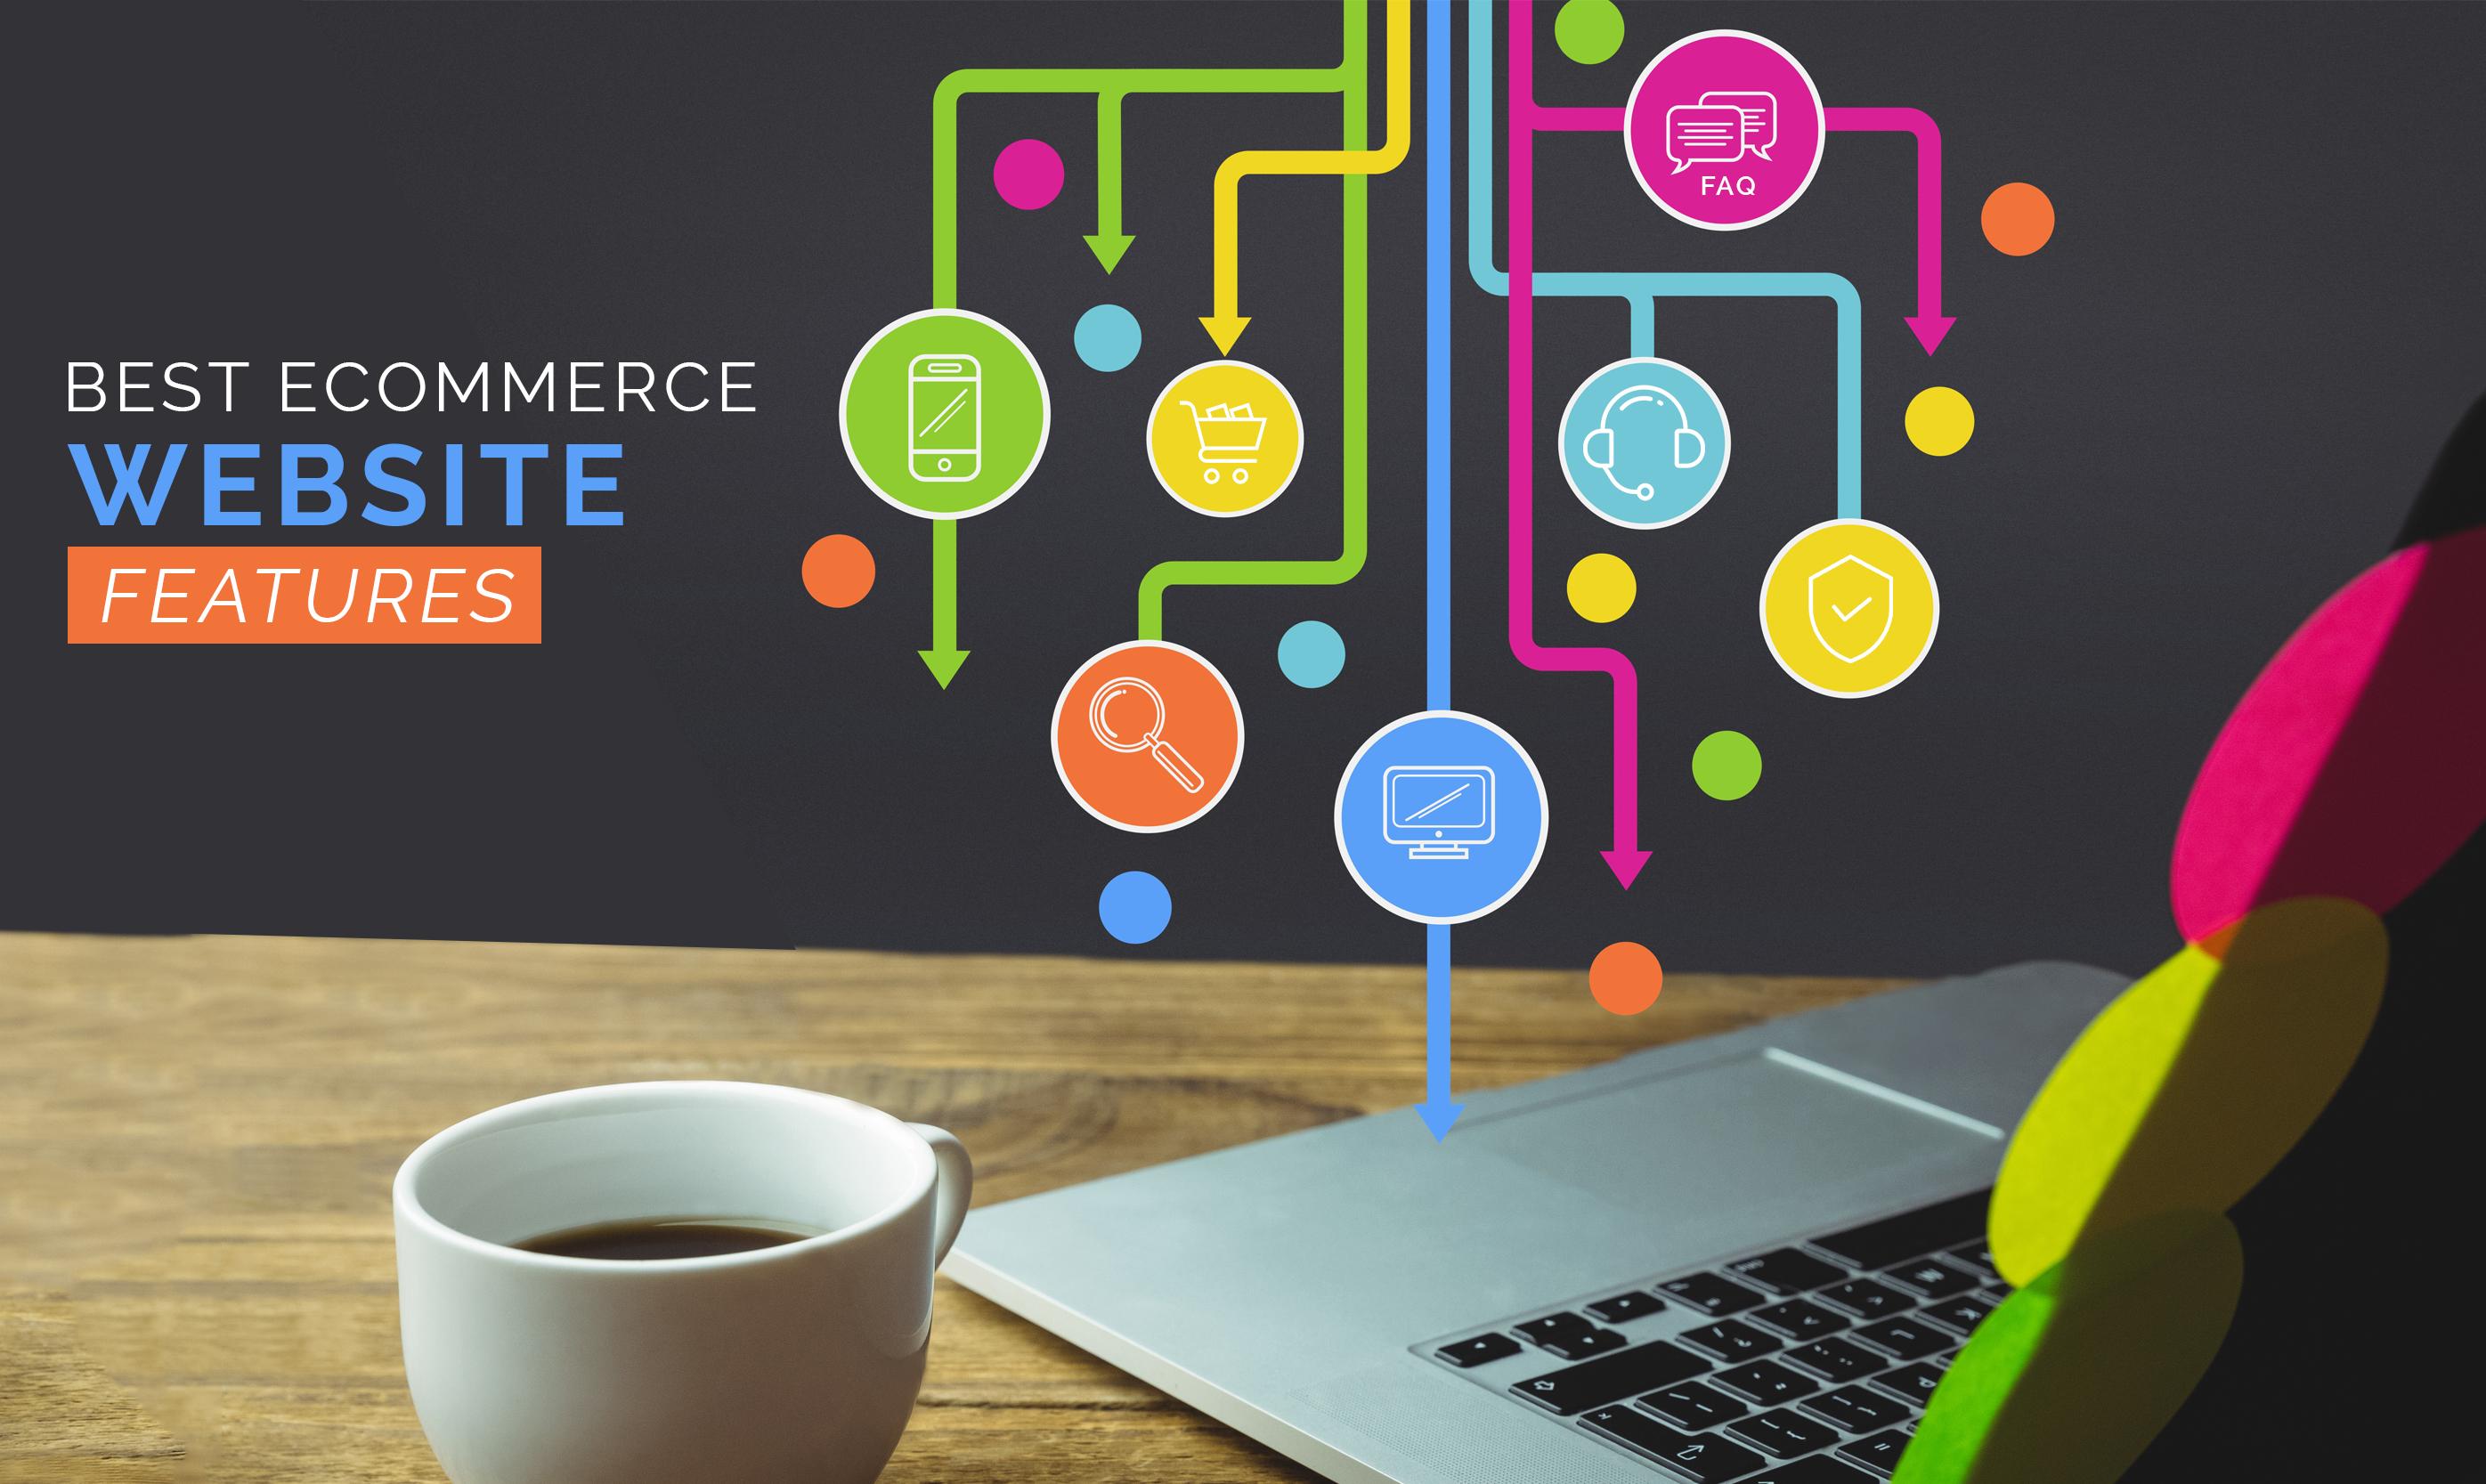 Best Ecommerce Website Features